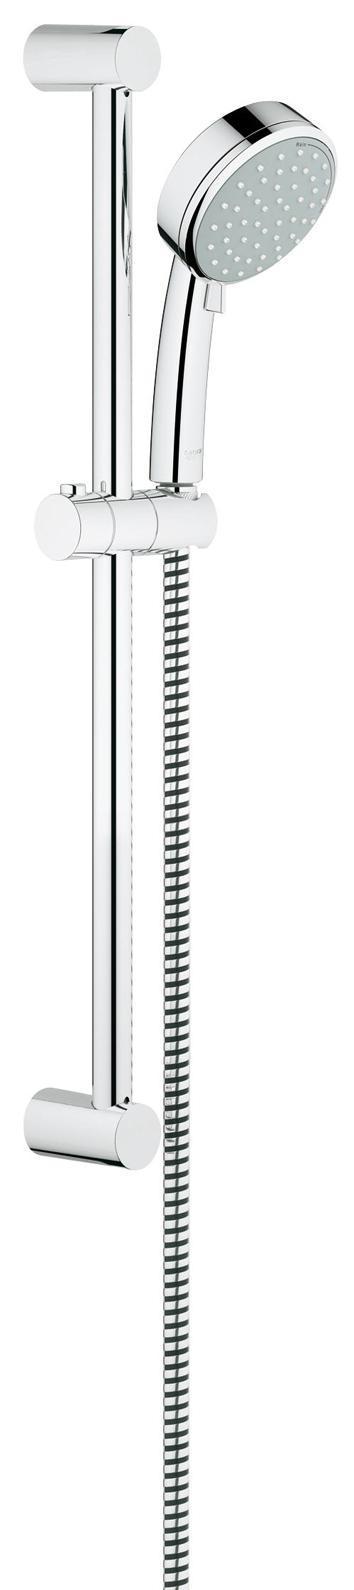 Душевой гарнитур GROHE Tempesta Cosmopolitan (ручной душ, штанга 600 мм, шланг 1750 мм), хром28605000Душевая гарнитура, 2 вида струй включает в себя: ручной душ (27 571 001) душевая штанга, 600 мм (27 521 000) душевой шланг Relexaflex 1750 мм 1/2 x 1/2 (28 154 000) GROHE DreamSpray превосходный поток воды GROHE StarLight хромированная поверхностьс системой SpeedClean против известковых отложений Внутренний охлаждающий канал для продолжительного срока службы может использоваться с проточным водонагревателем минимальное давление 1,0 барВидео по установке является исключительно информационным. Установка должна проводиться профессионалами! Серия: Tempesta Cosmopolitan; цвет: хром